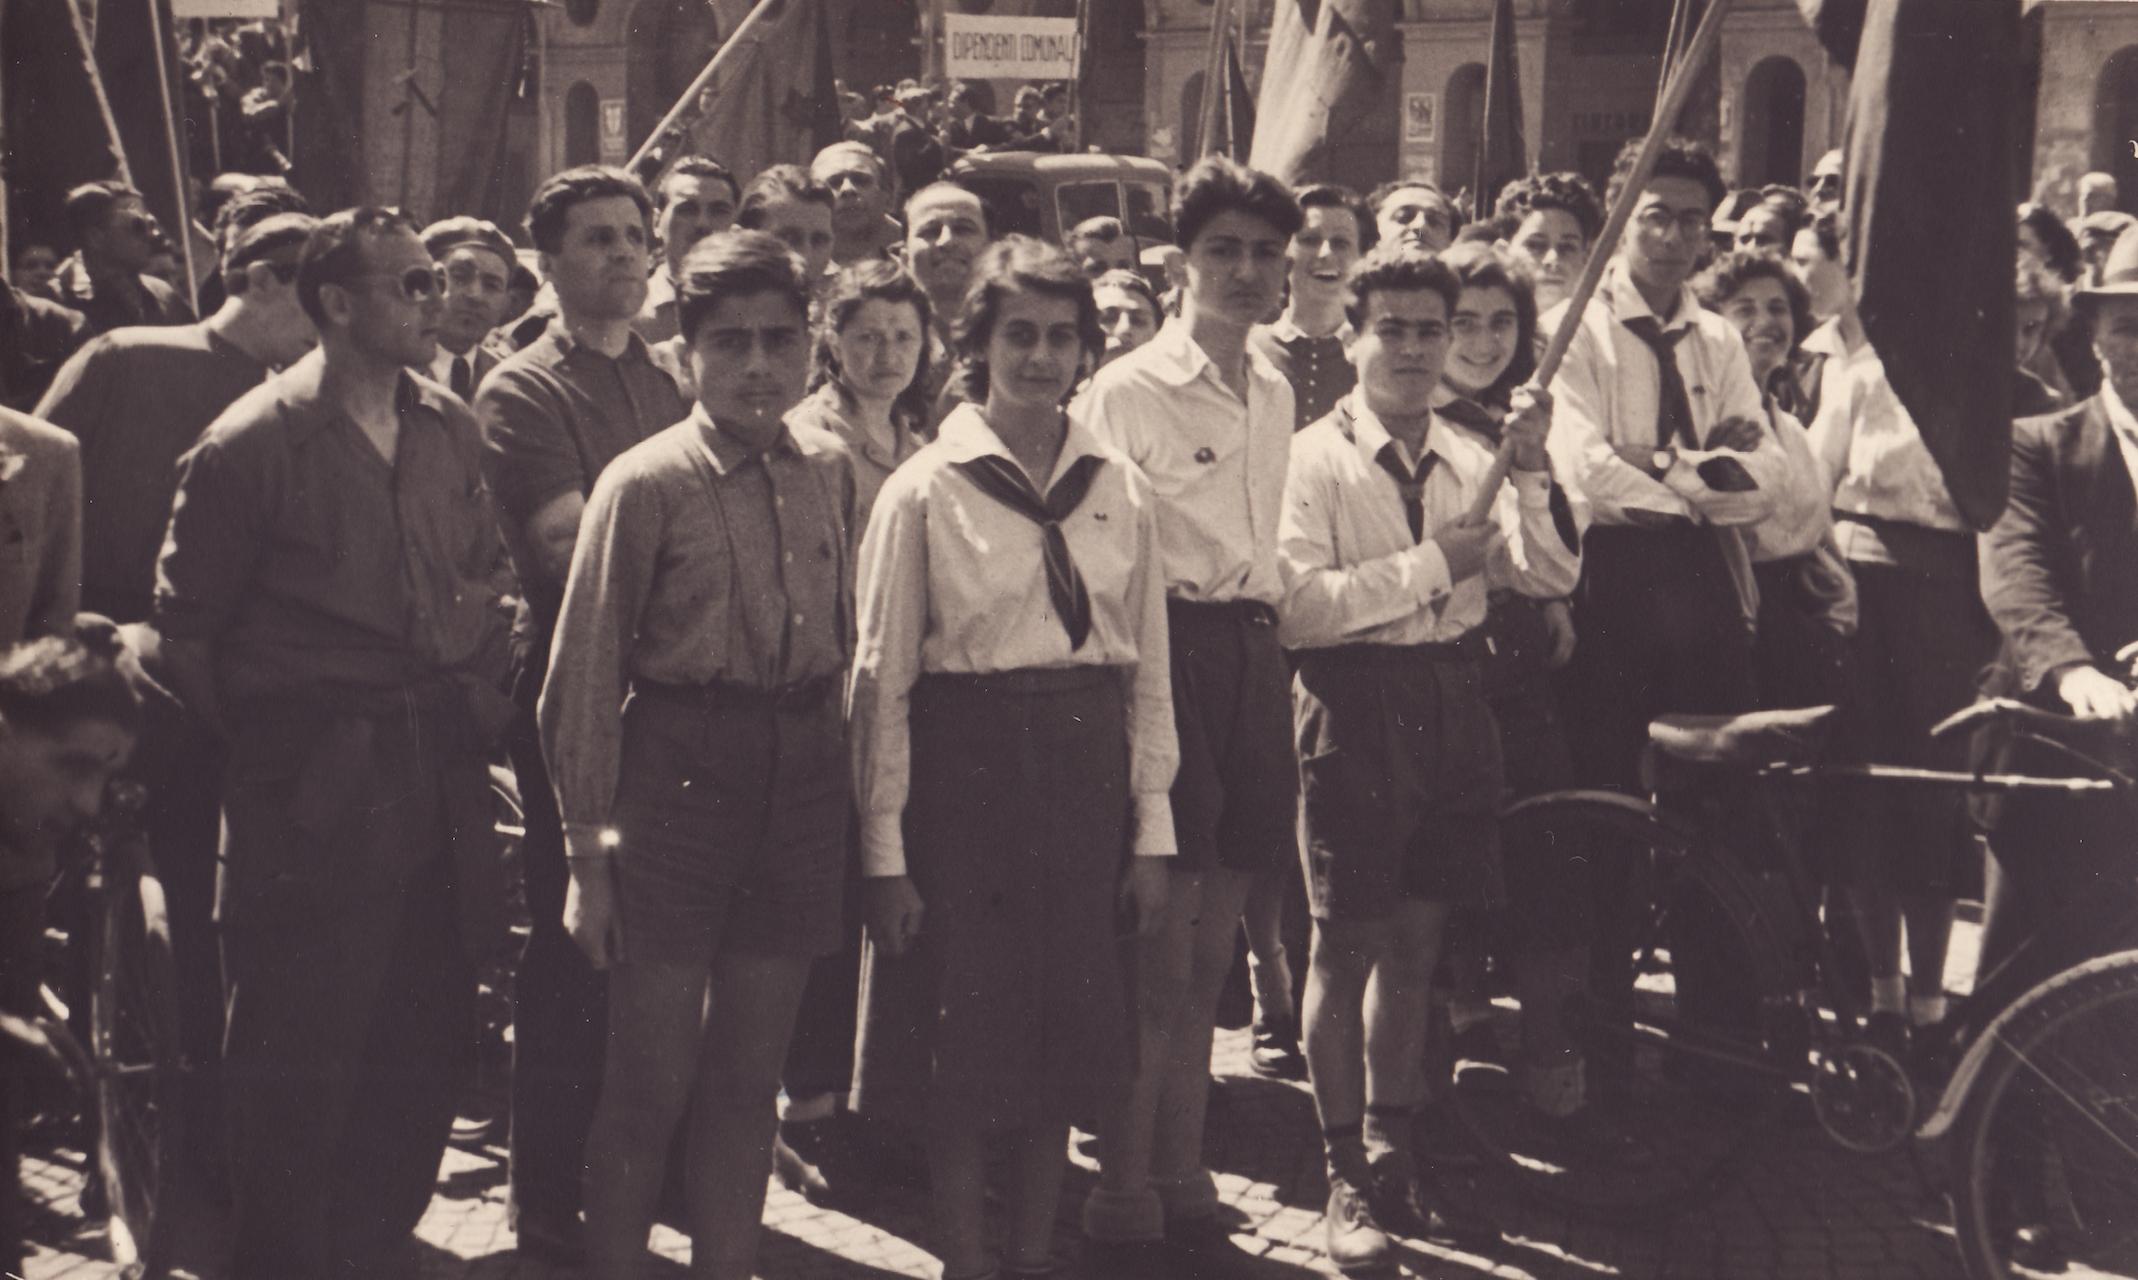 1° Maggio, festa di tutti i lavoratori